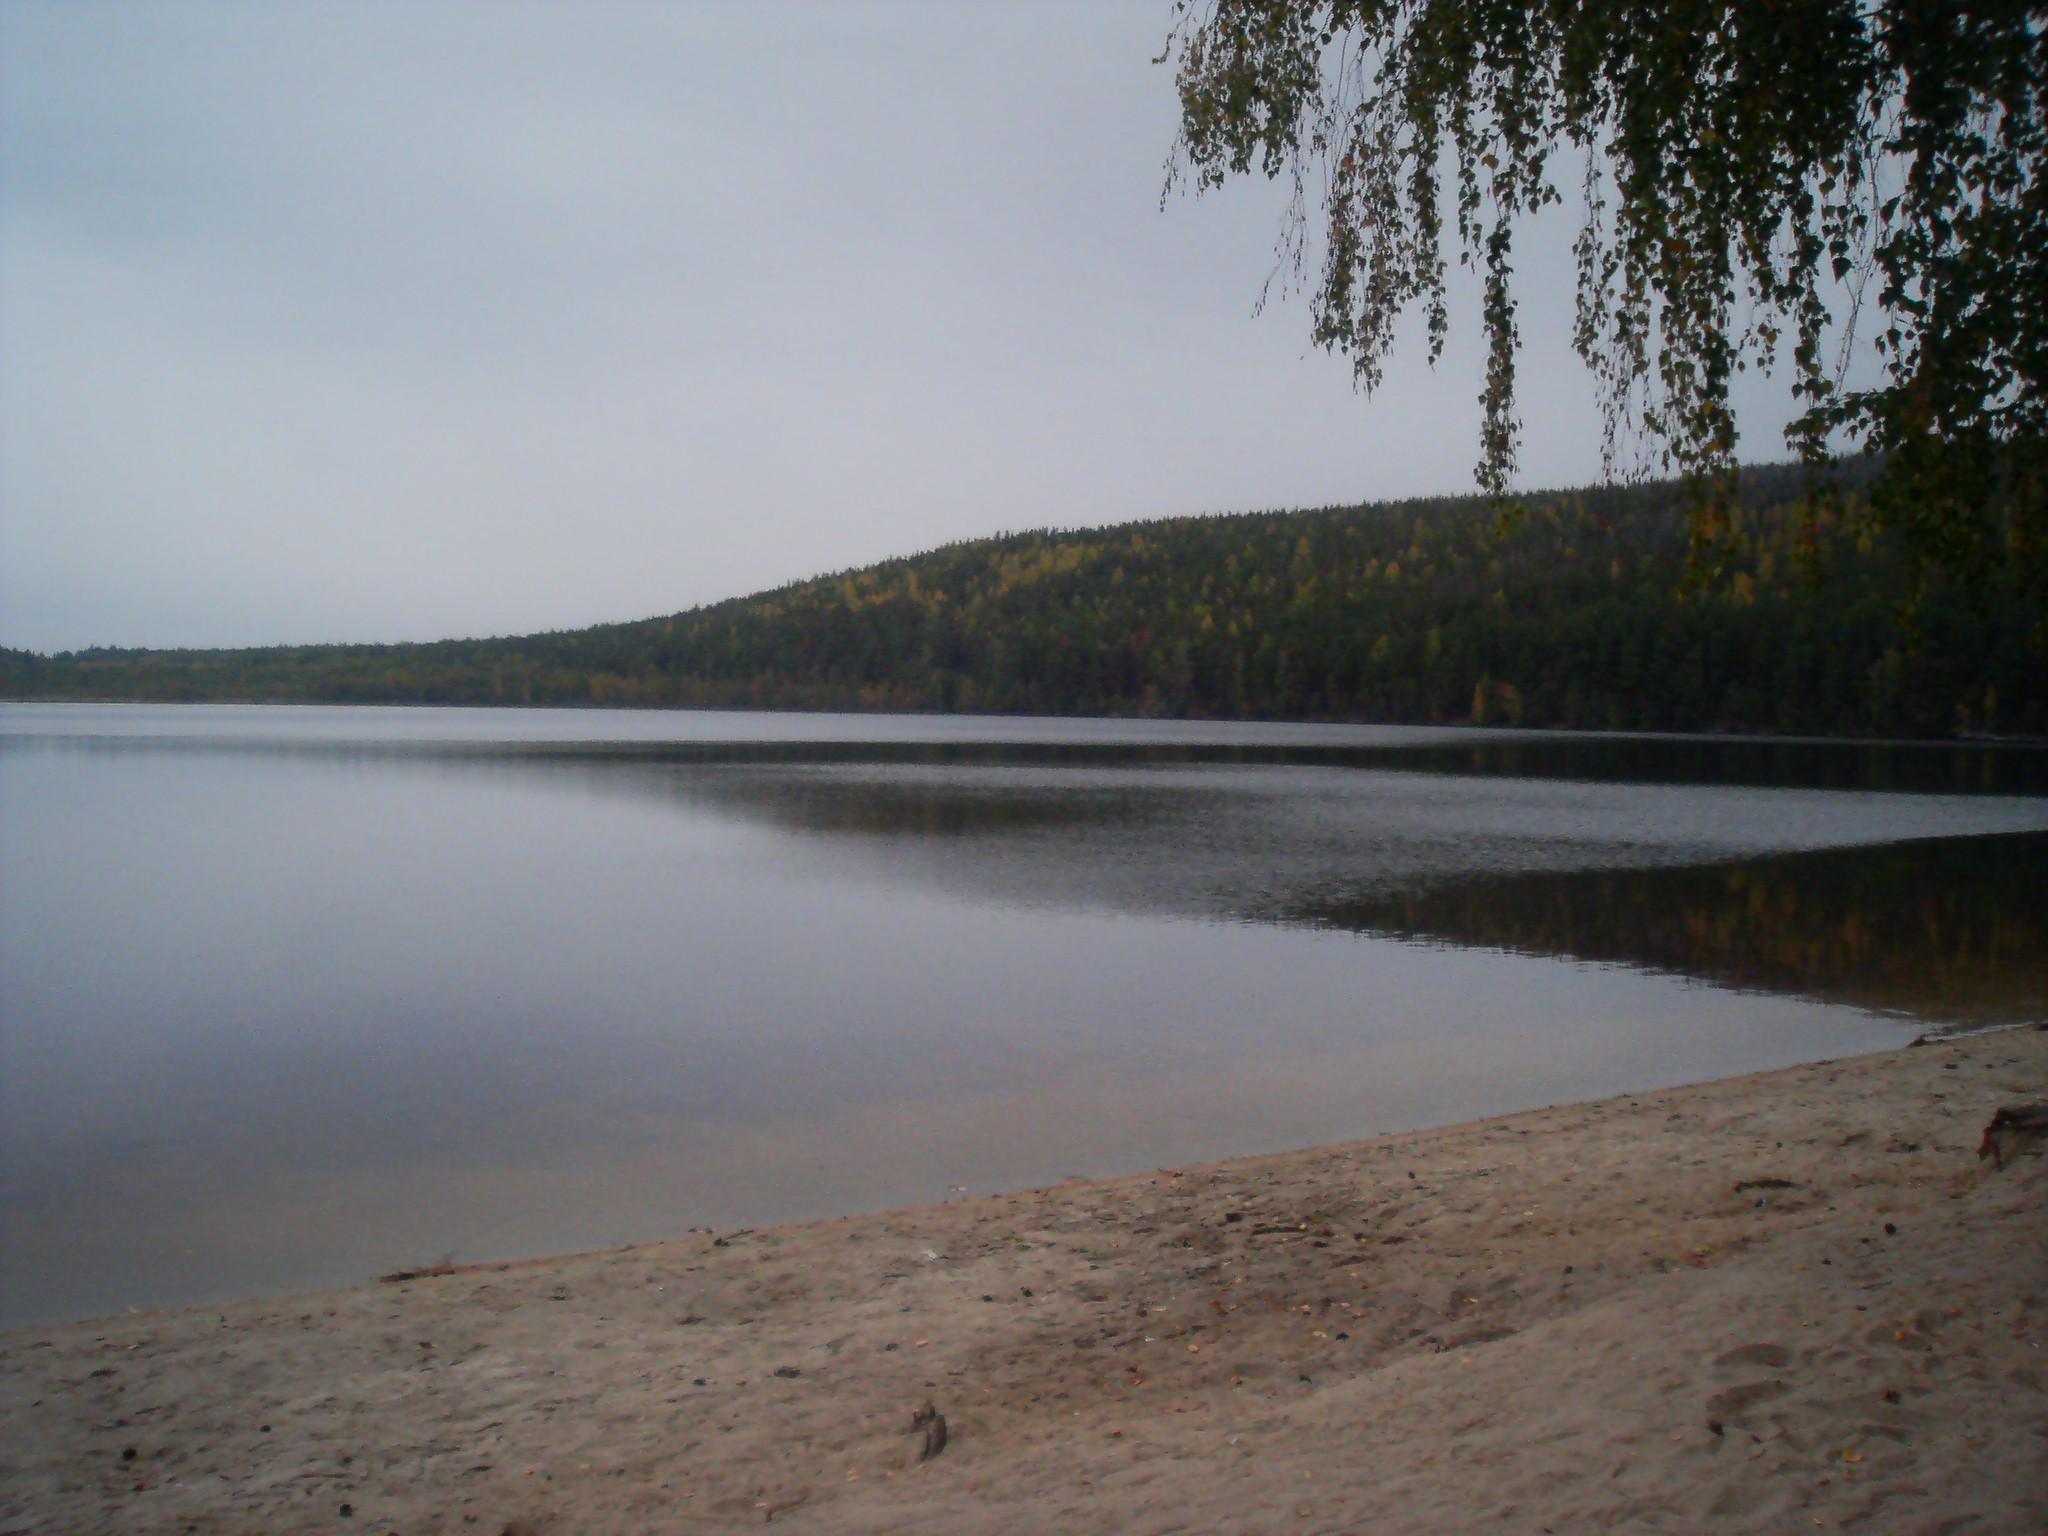 Песчаное озеро c восточного берега, справа гора Пшеничная, фото 2013 года